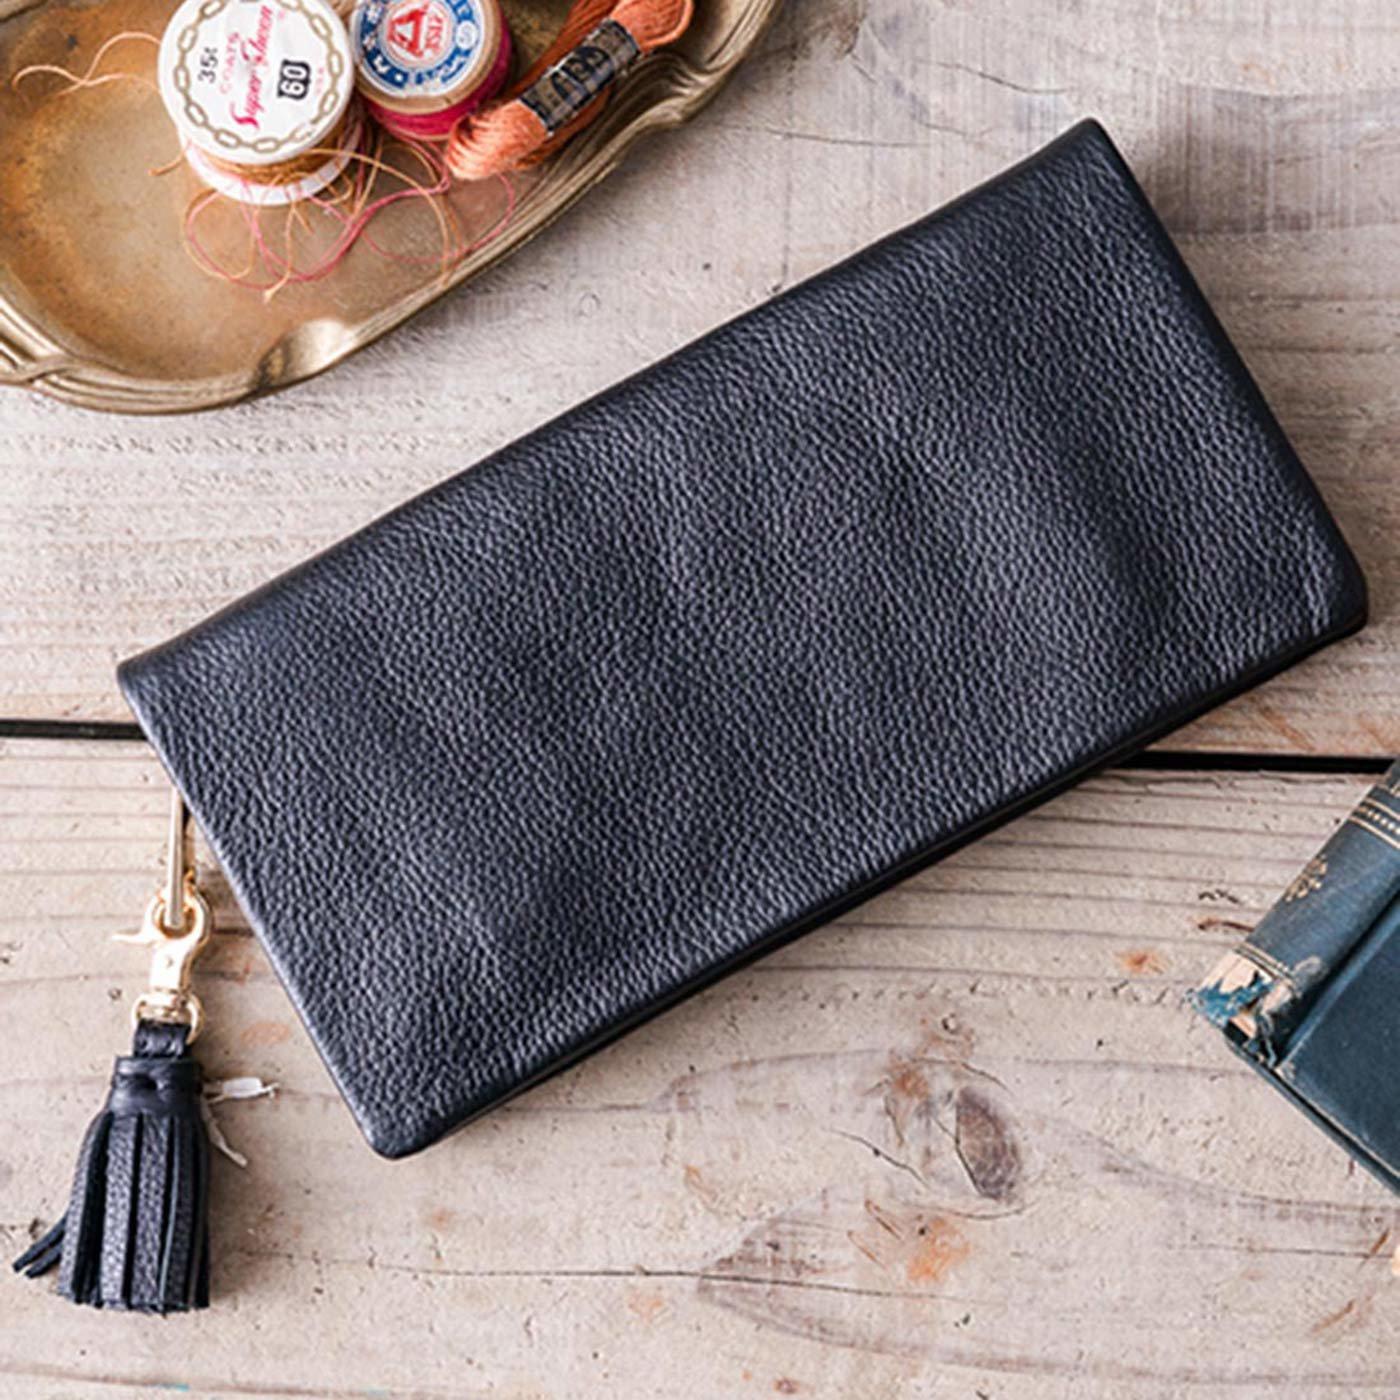 IEDIT[イディット] SELECT やわらかマットレザーで手になじむ 長く使いこみたい本革長財布